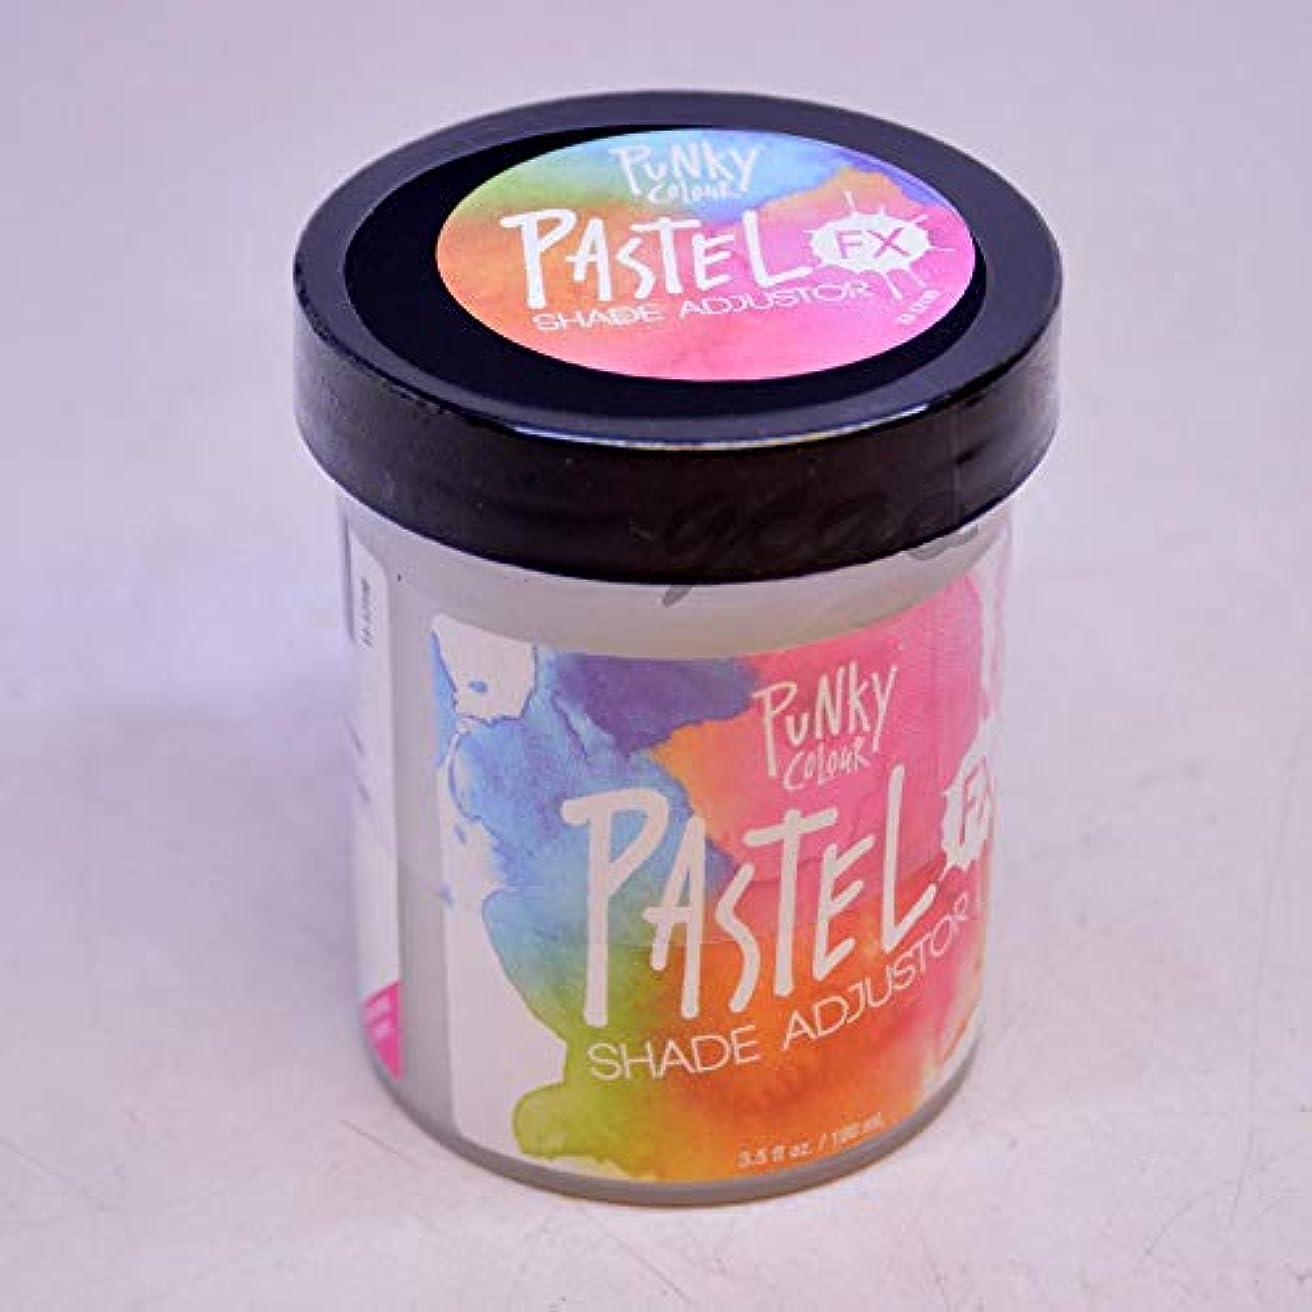 海岸反発する原子炉JEROME RUSSELL Punky Color Semi-Permanent Conditioning Hair Color - Pastel FX Shade Adjuster (並行輸入品)